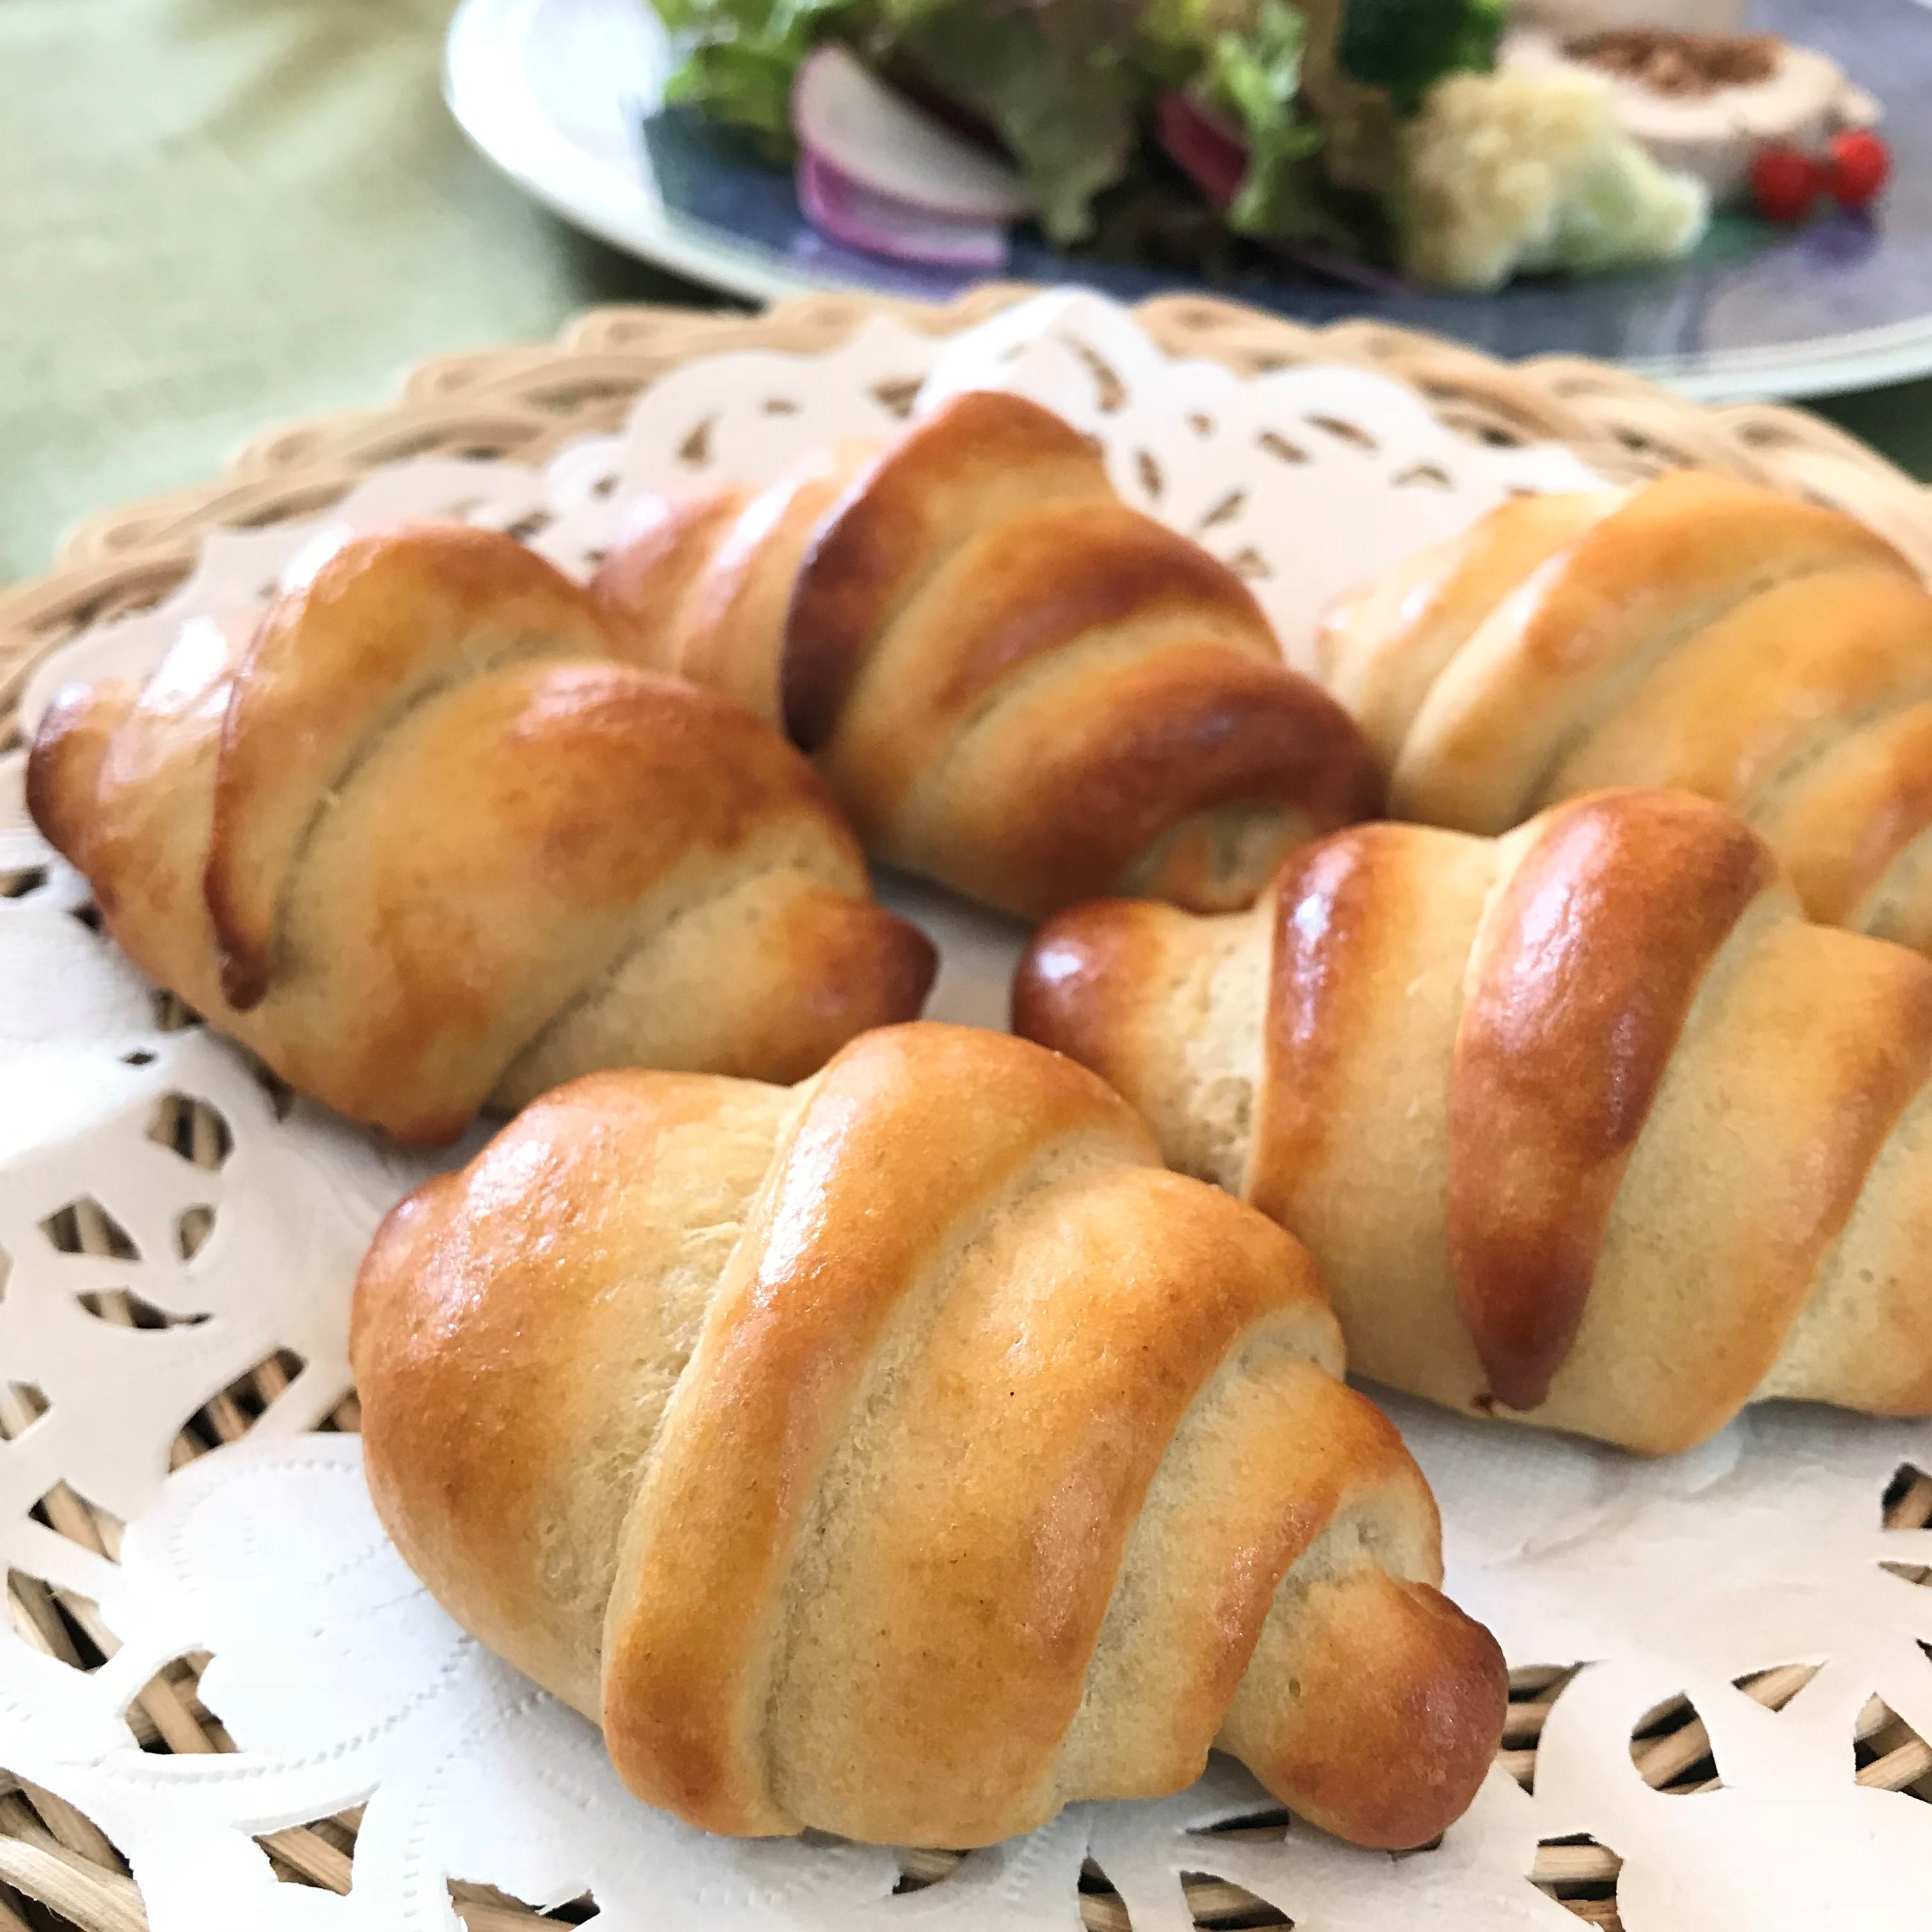 a-ta-sante糖質制限パン料理教室。阿倍野区。桃ヶ池町。a-ta-sant'e.京都江部粉糖質オフパン。コンプリートコースパート1。低糖質ロールパン。「糖質オフパンがここまで美味しくつくれる秘密!」低糖食コーディネーター。利野郁枝。a-ta-sante糖質制限パン料理教室。阿倍野区。桃ヶ池町。a-ta-sant'e.京都江部粉糖質オフパン。コンプリートコースパート1。低糖質ロールパン。低糖食コーディネーター。利野郁枝。